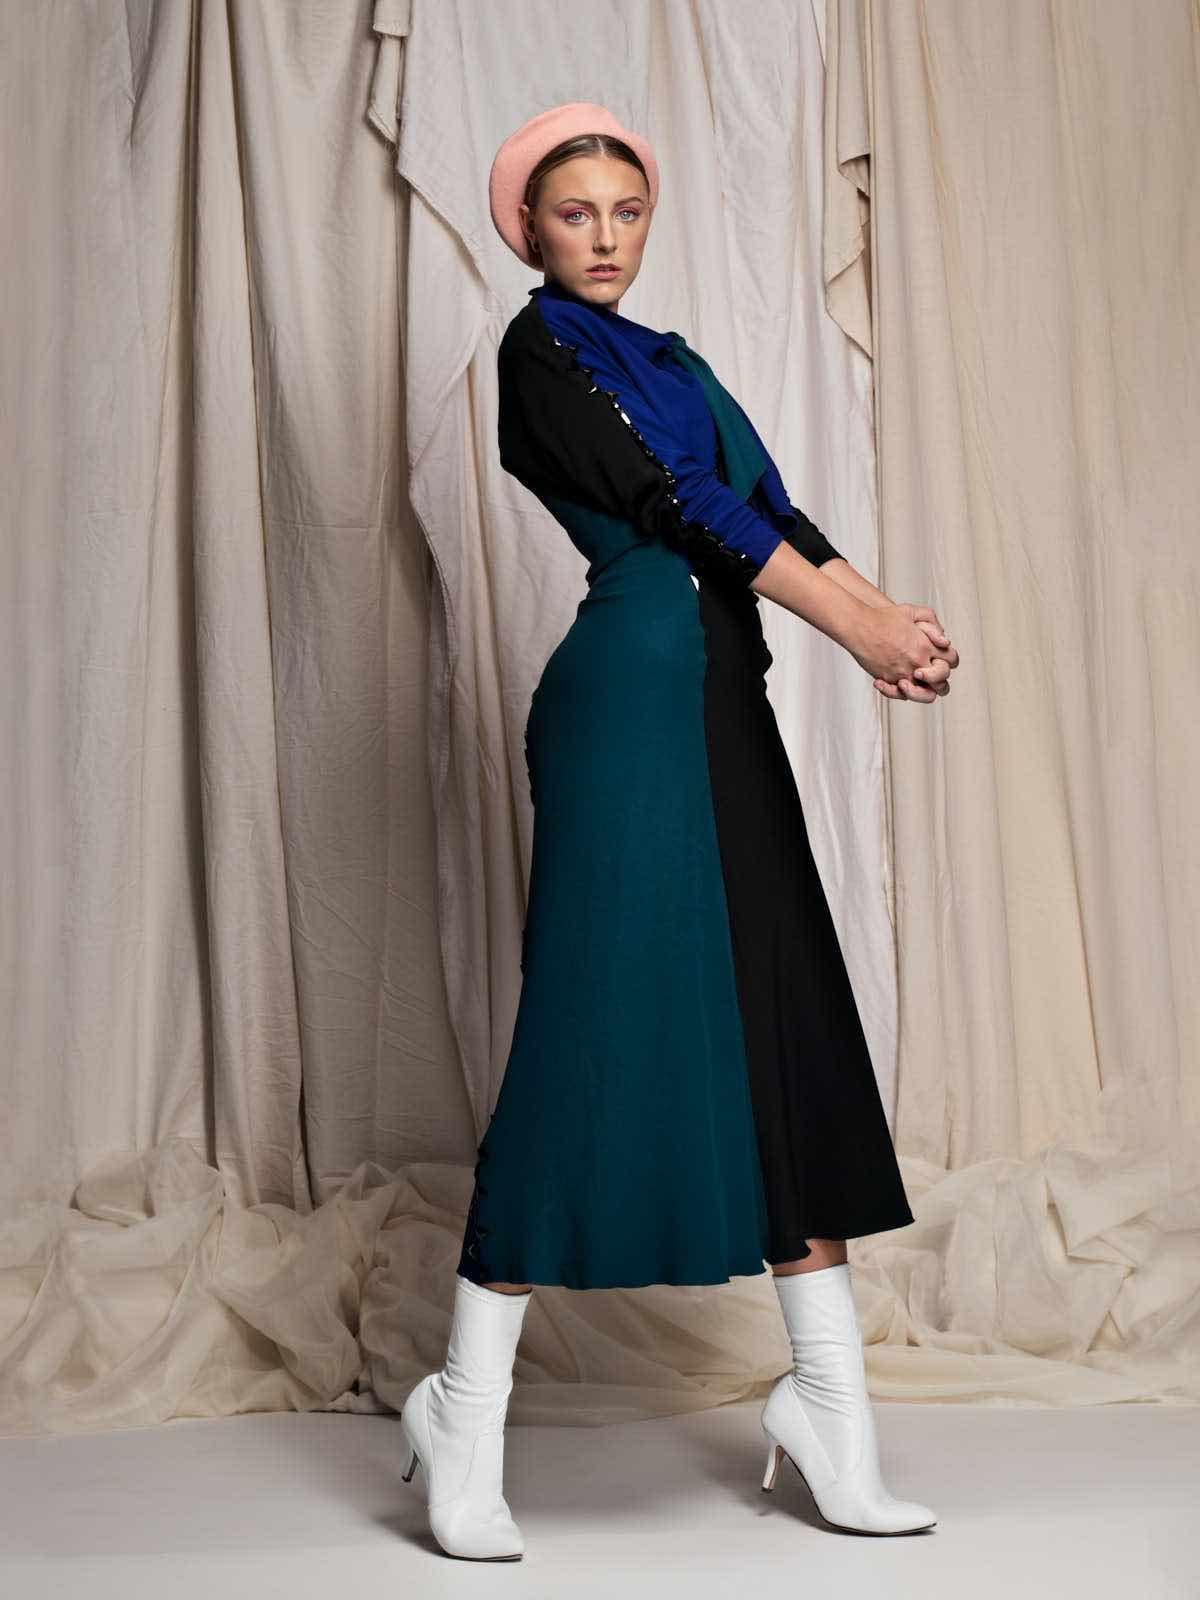 sce-agency-female-model-jordan-g-4aa